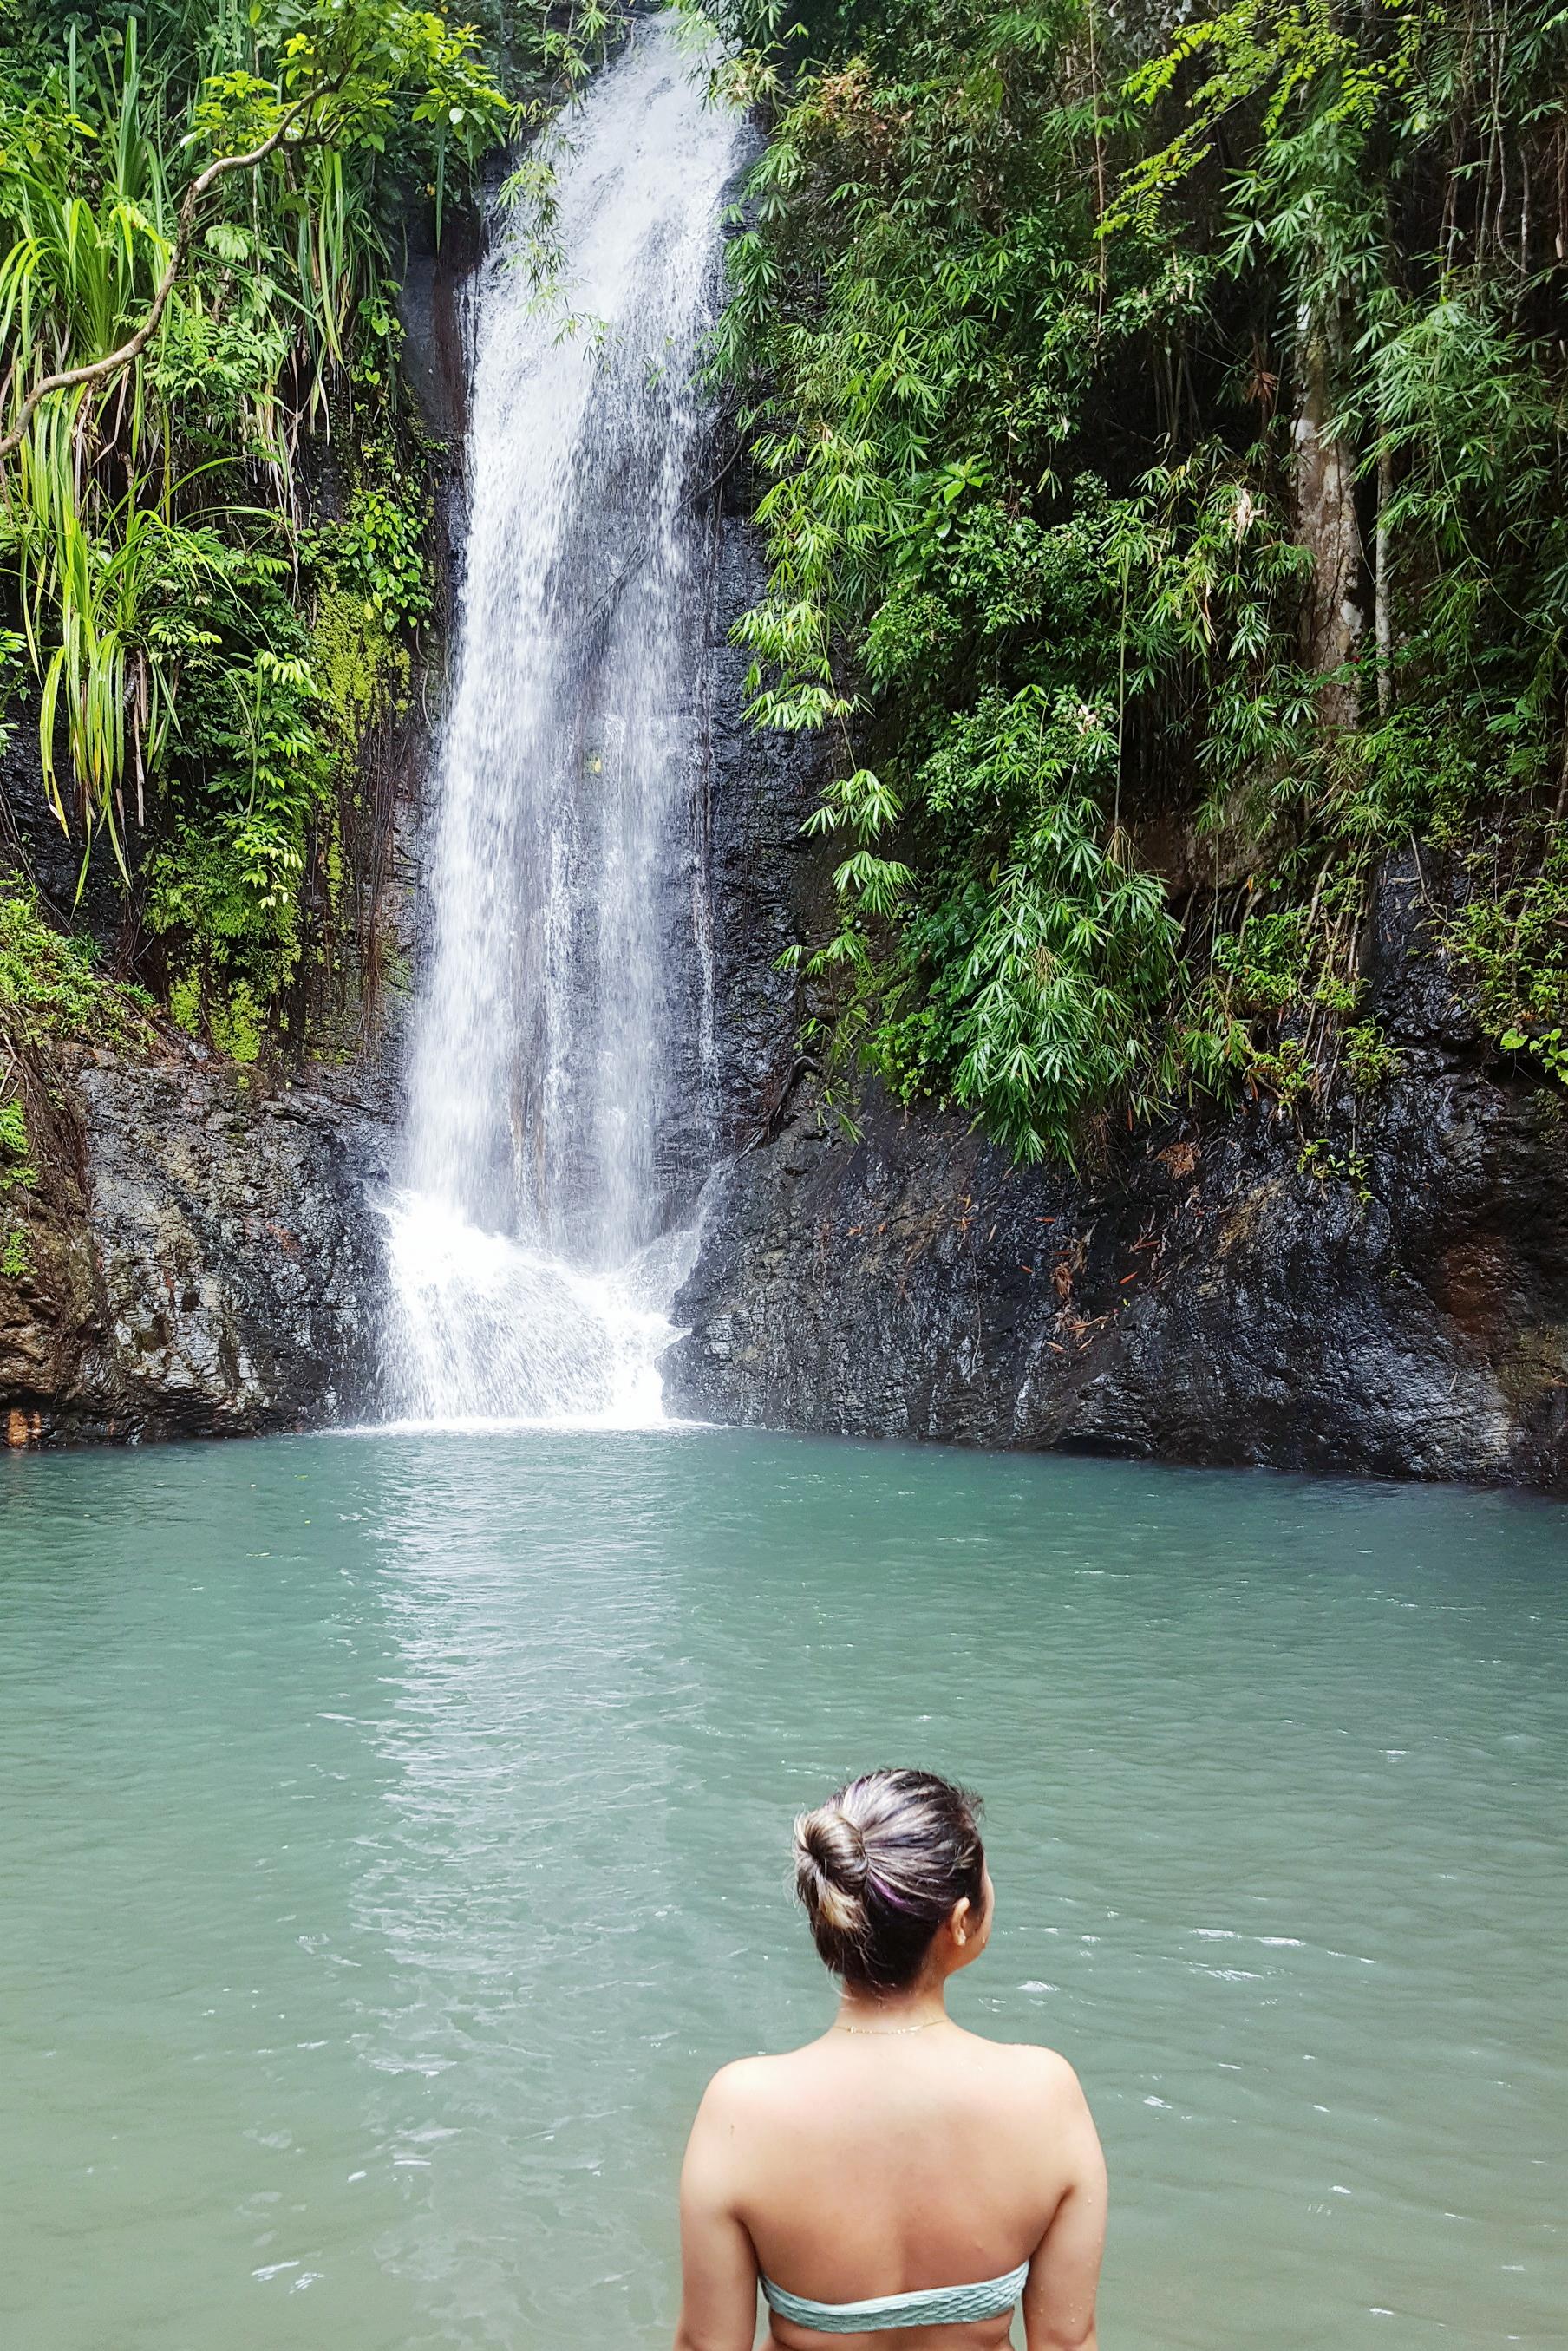 Kuyawyaw Waterfalls, Palawan